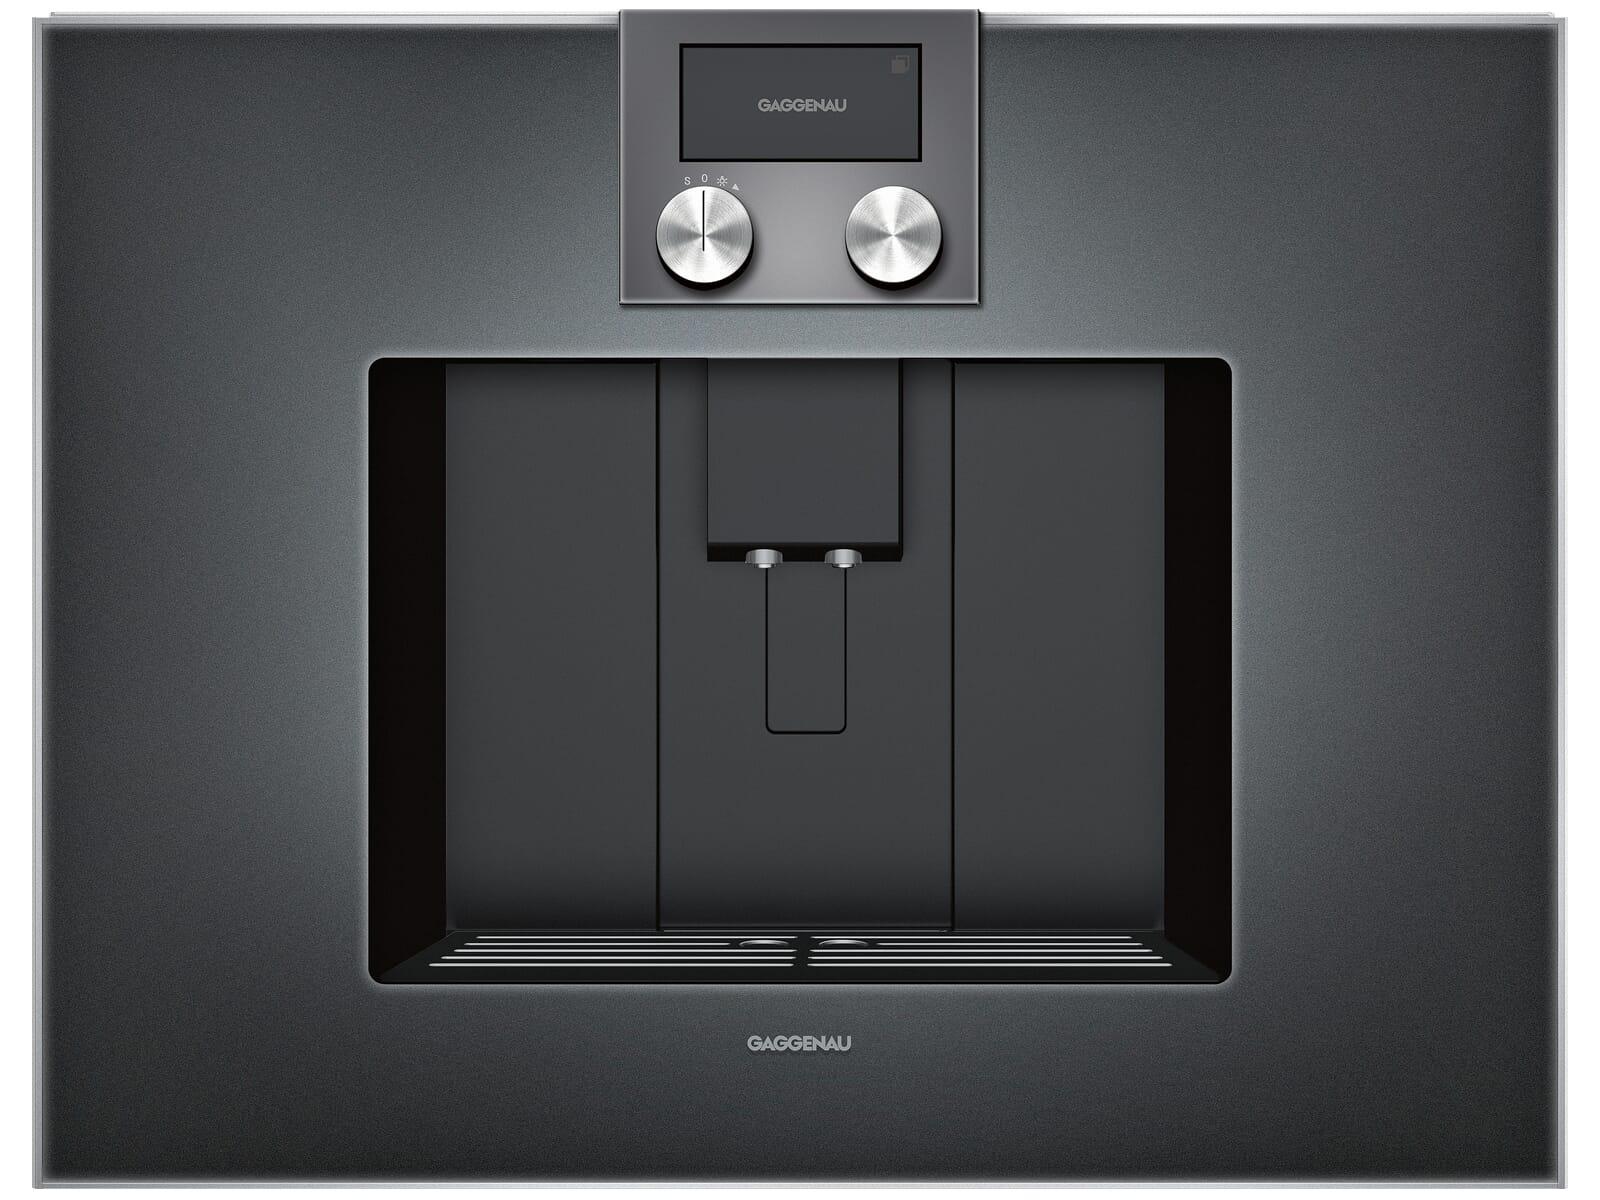 Smeg Kühlschrank Abstand Zur Wand : Gaggenau cm 470 101 einbau espressovollautomat serie 400 anthrazit